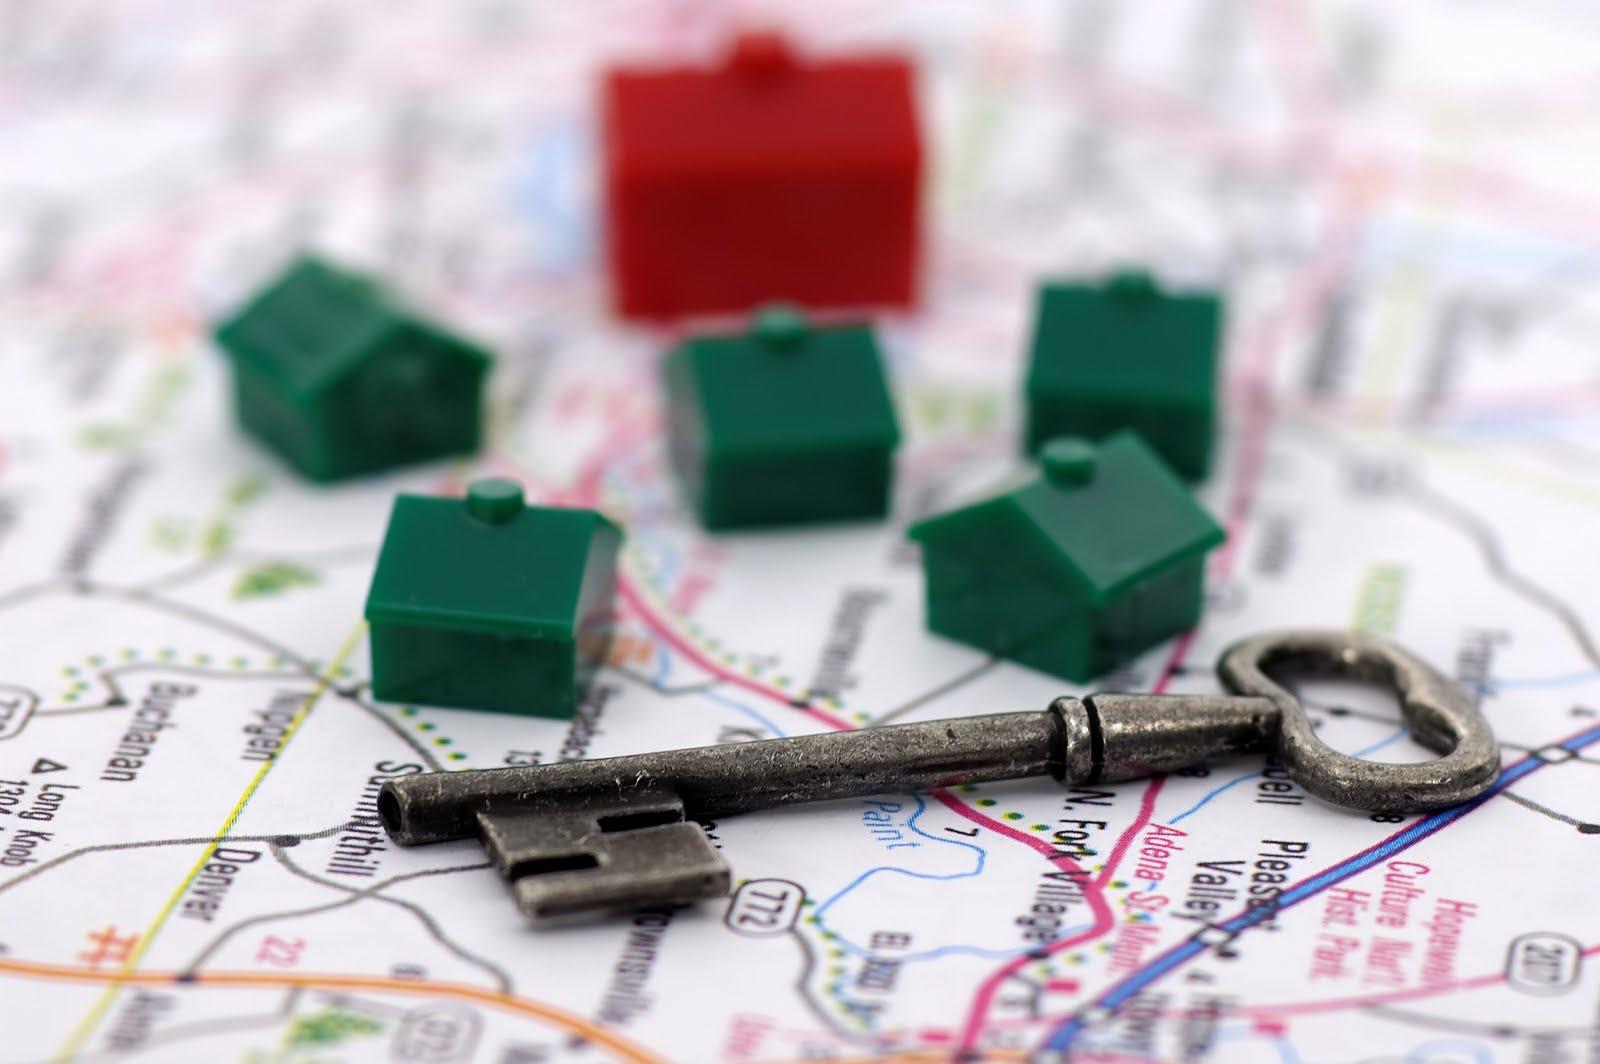 Quelle tendance pour le marché immobilier ?